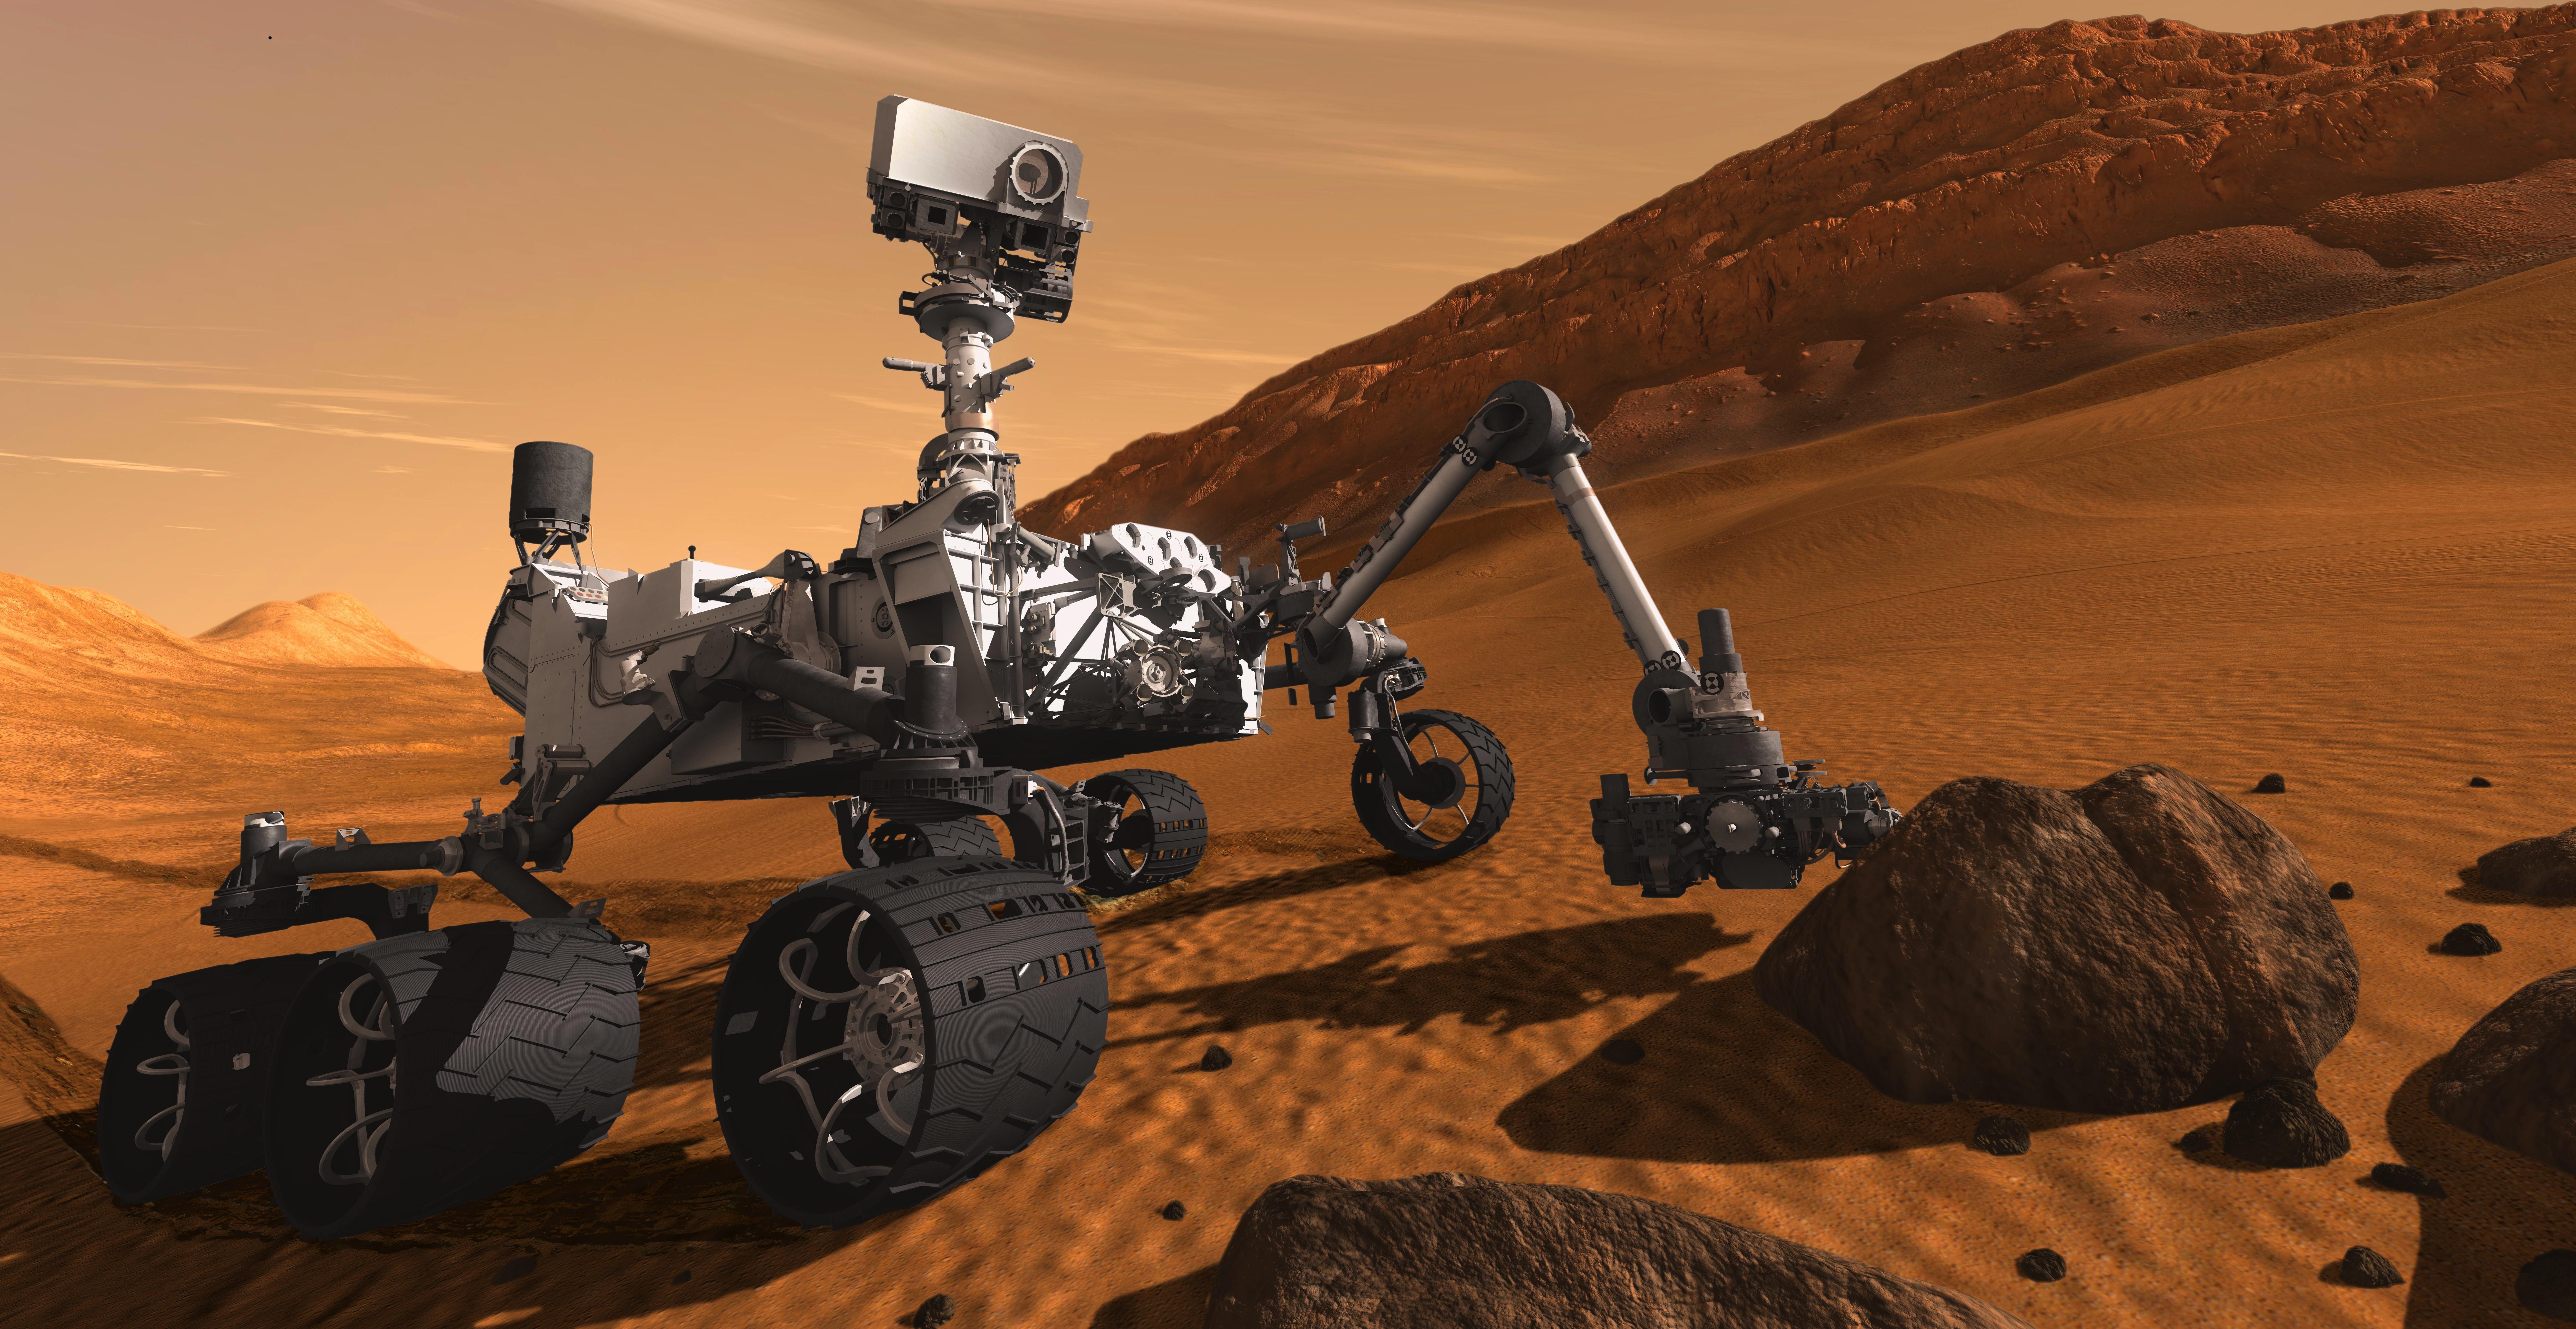 Curiosity by NASA